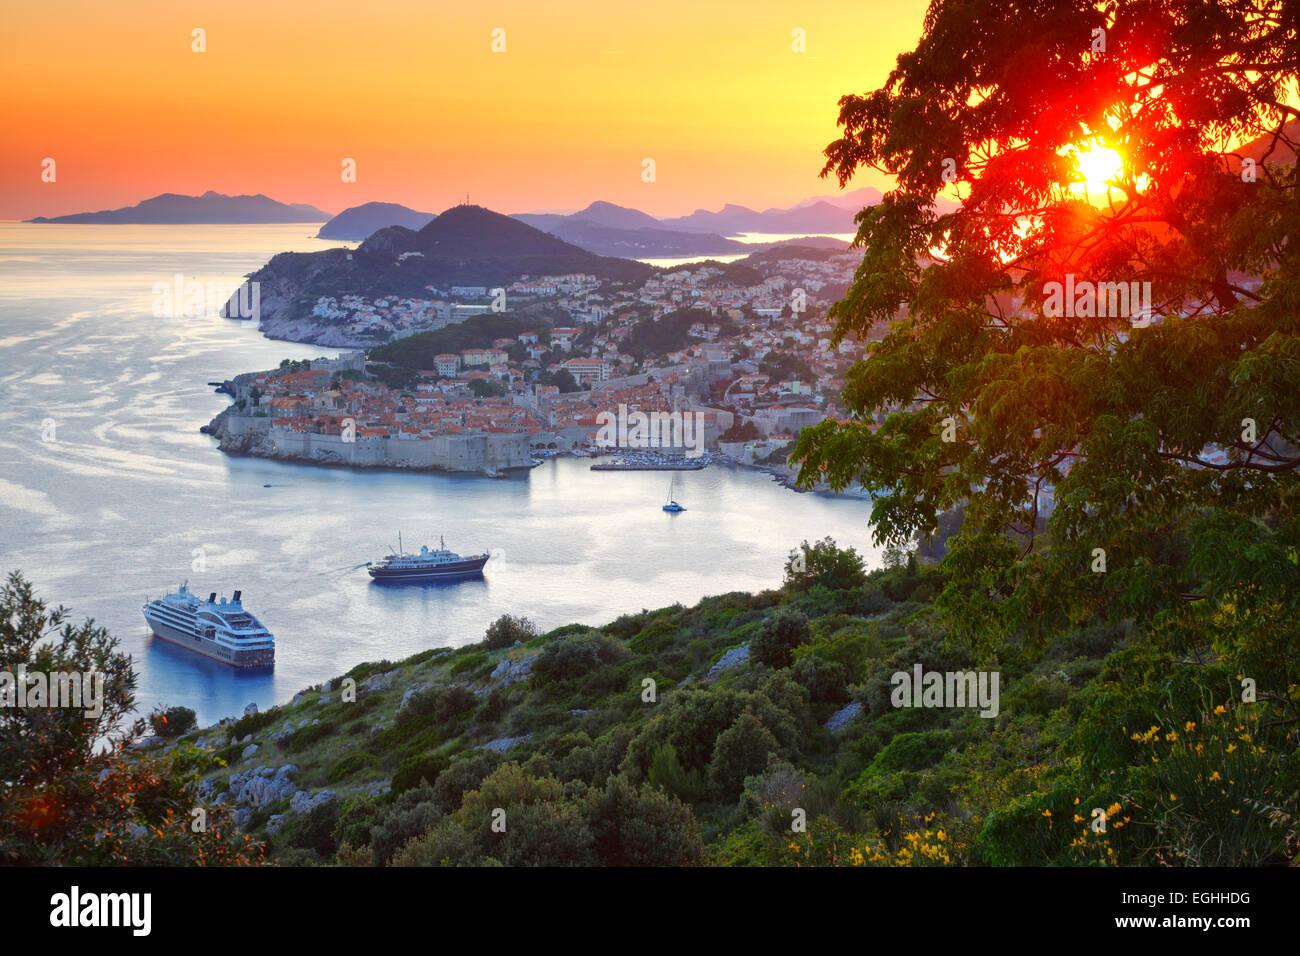 Panorama della città vecchia di Dubrovnik in sunset, Croazia. Immagini Stock